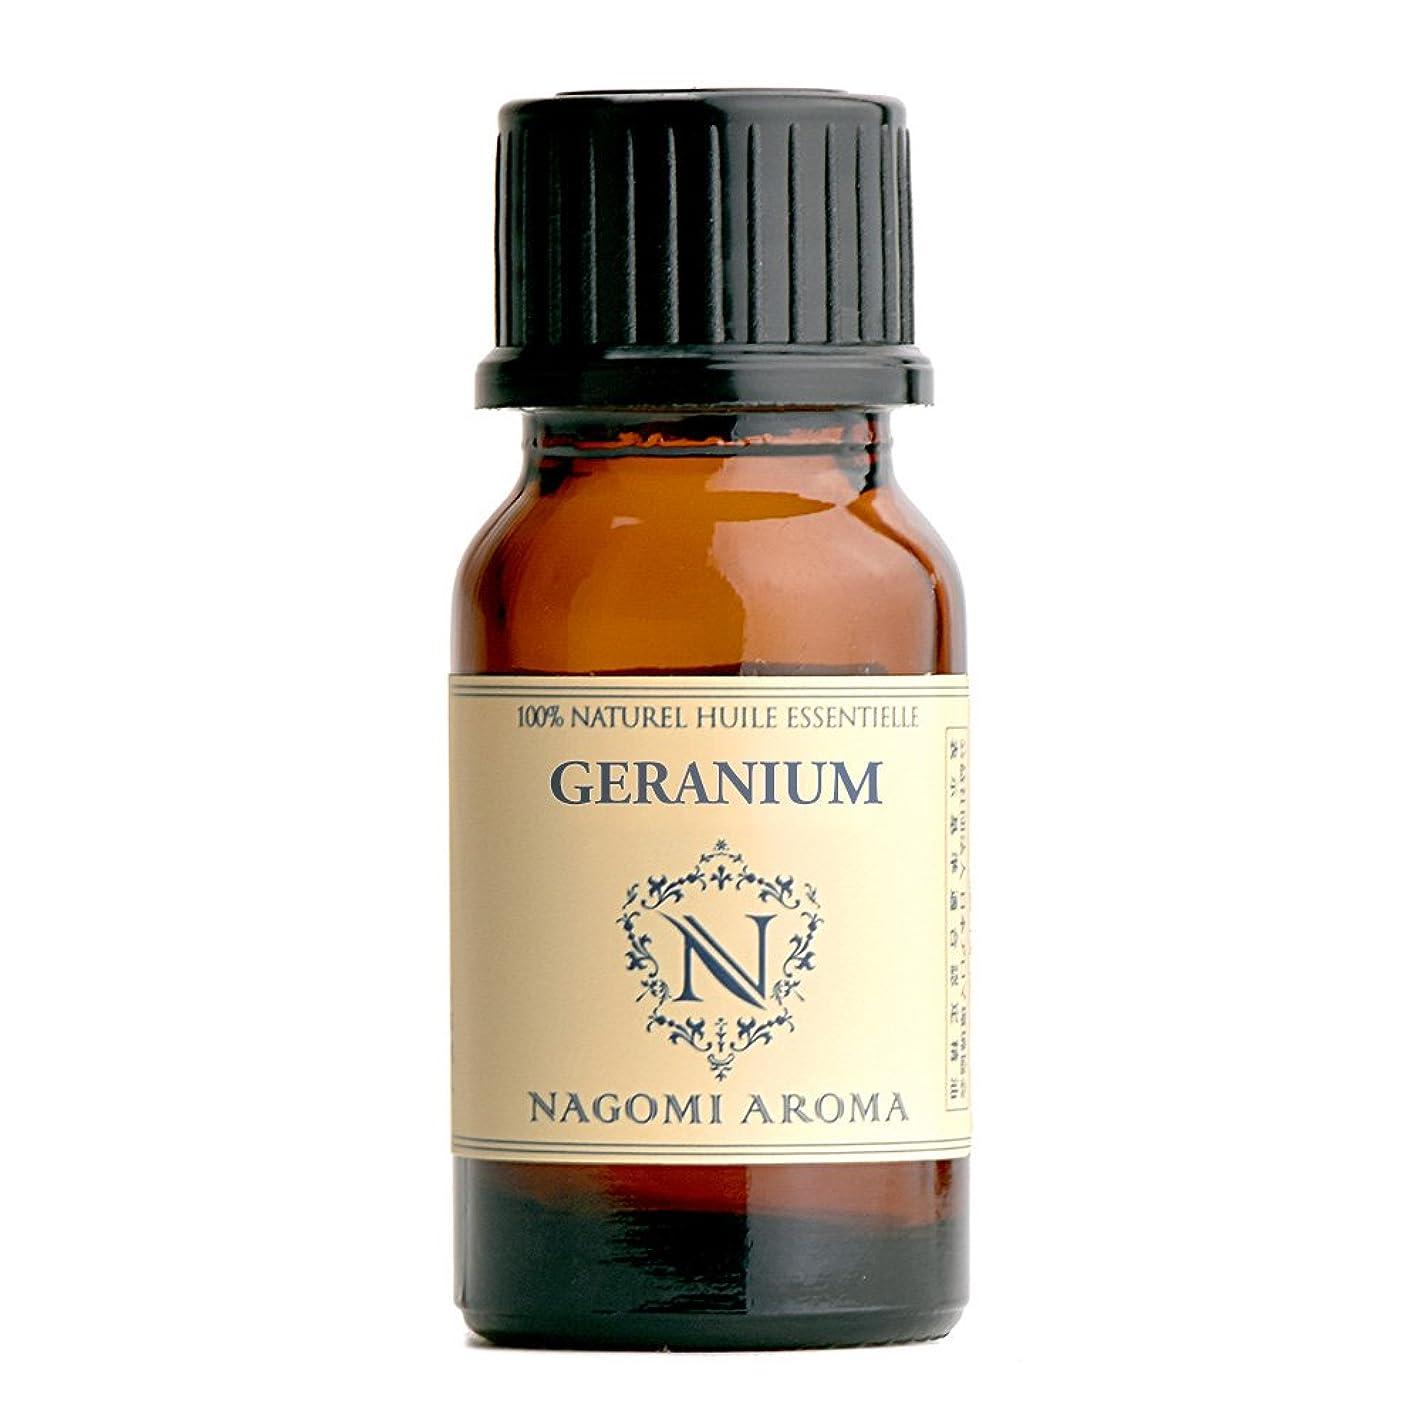 洗剤アロング流行しているNAGOMI AROMA ゼラニウム 10ml 【AEAJ認定精油】【アロマオイル】